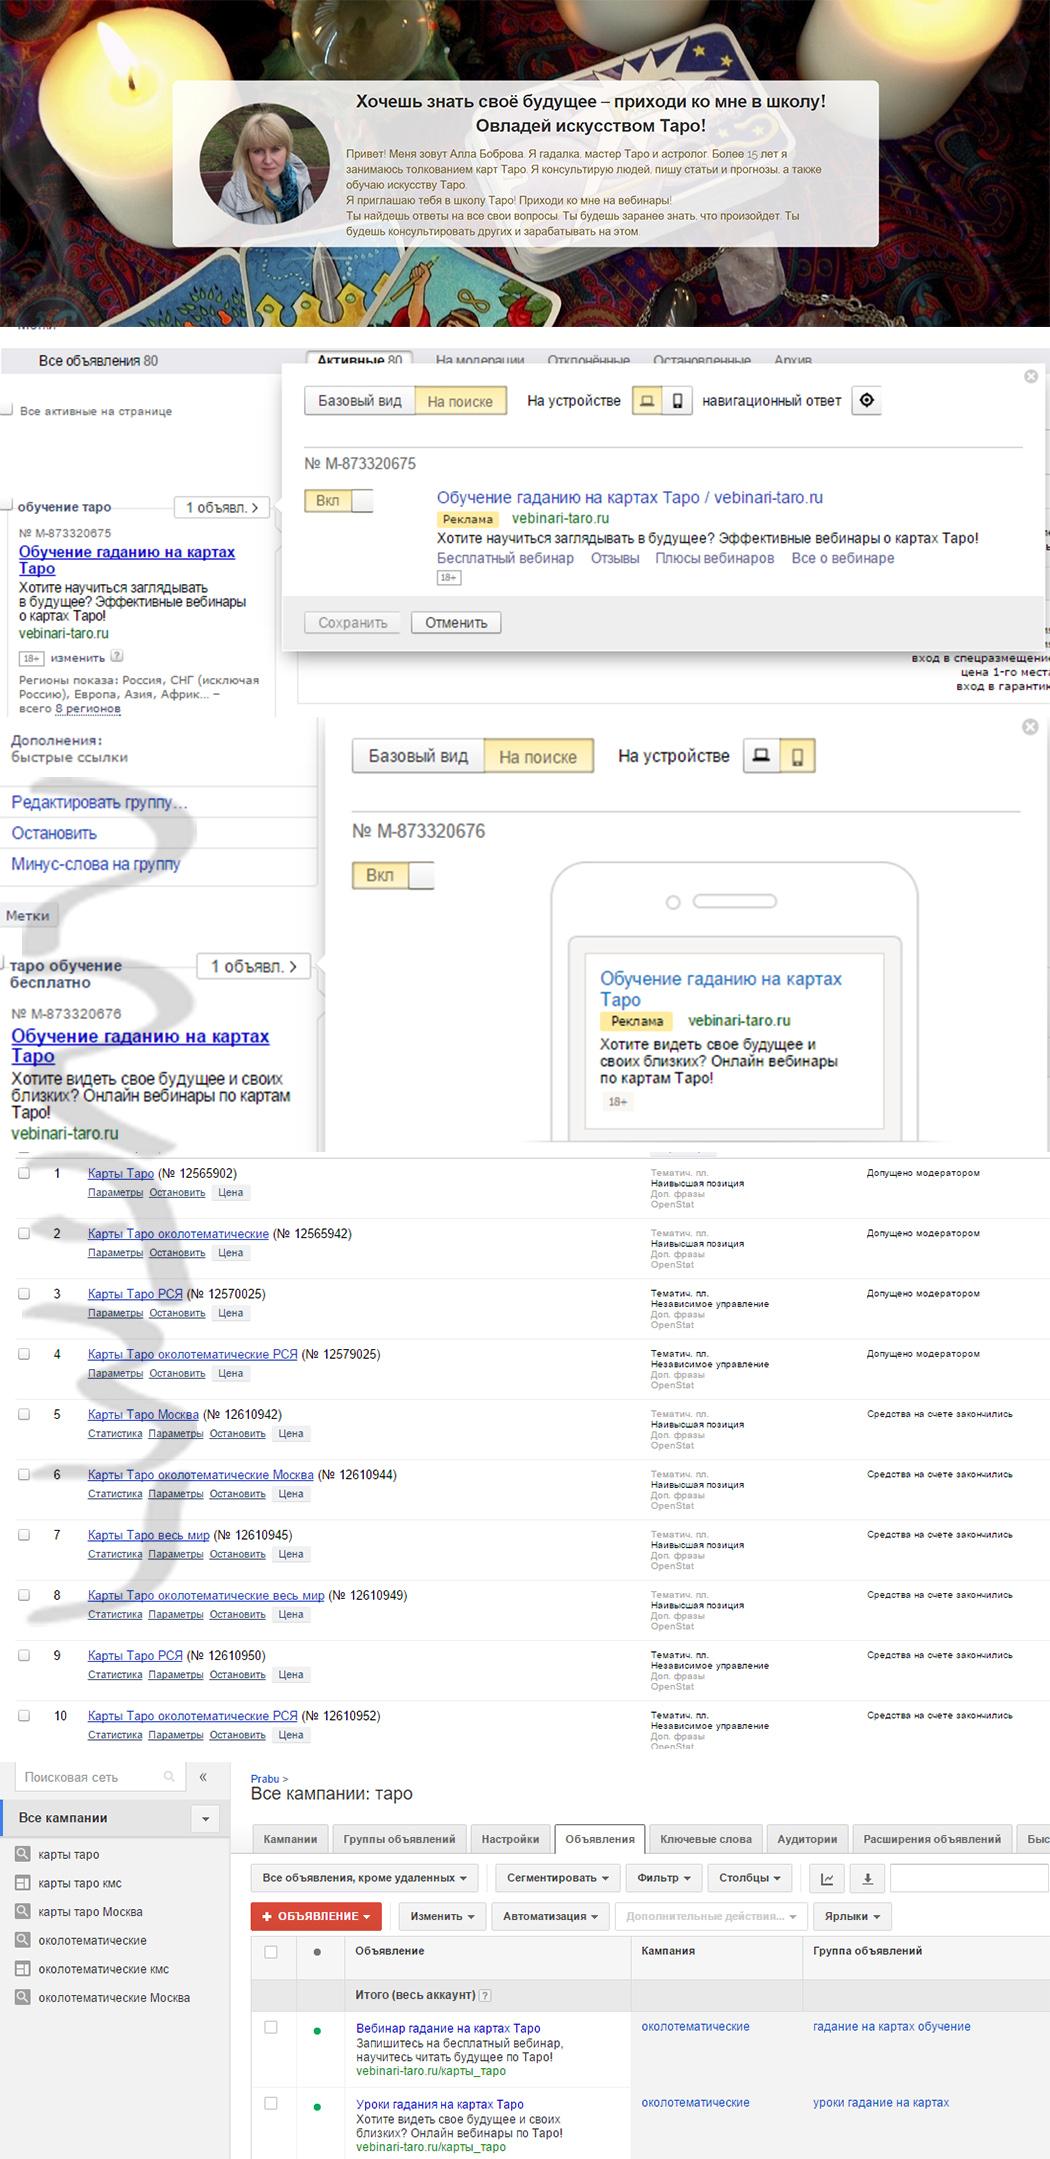 Google Ads и Яндекс Директ | Весь мир | Курсы по Таро | Инфобизнес (курсы)